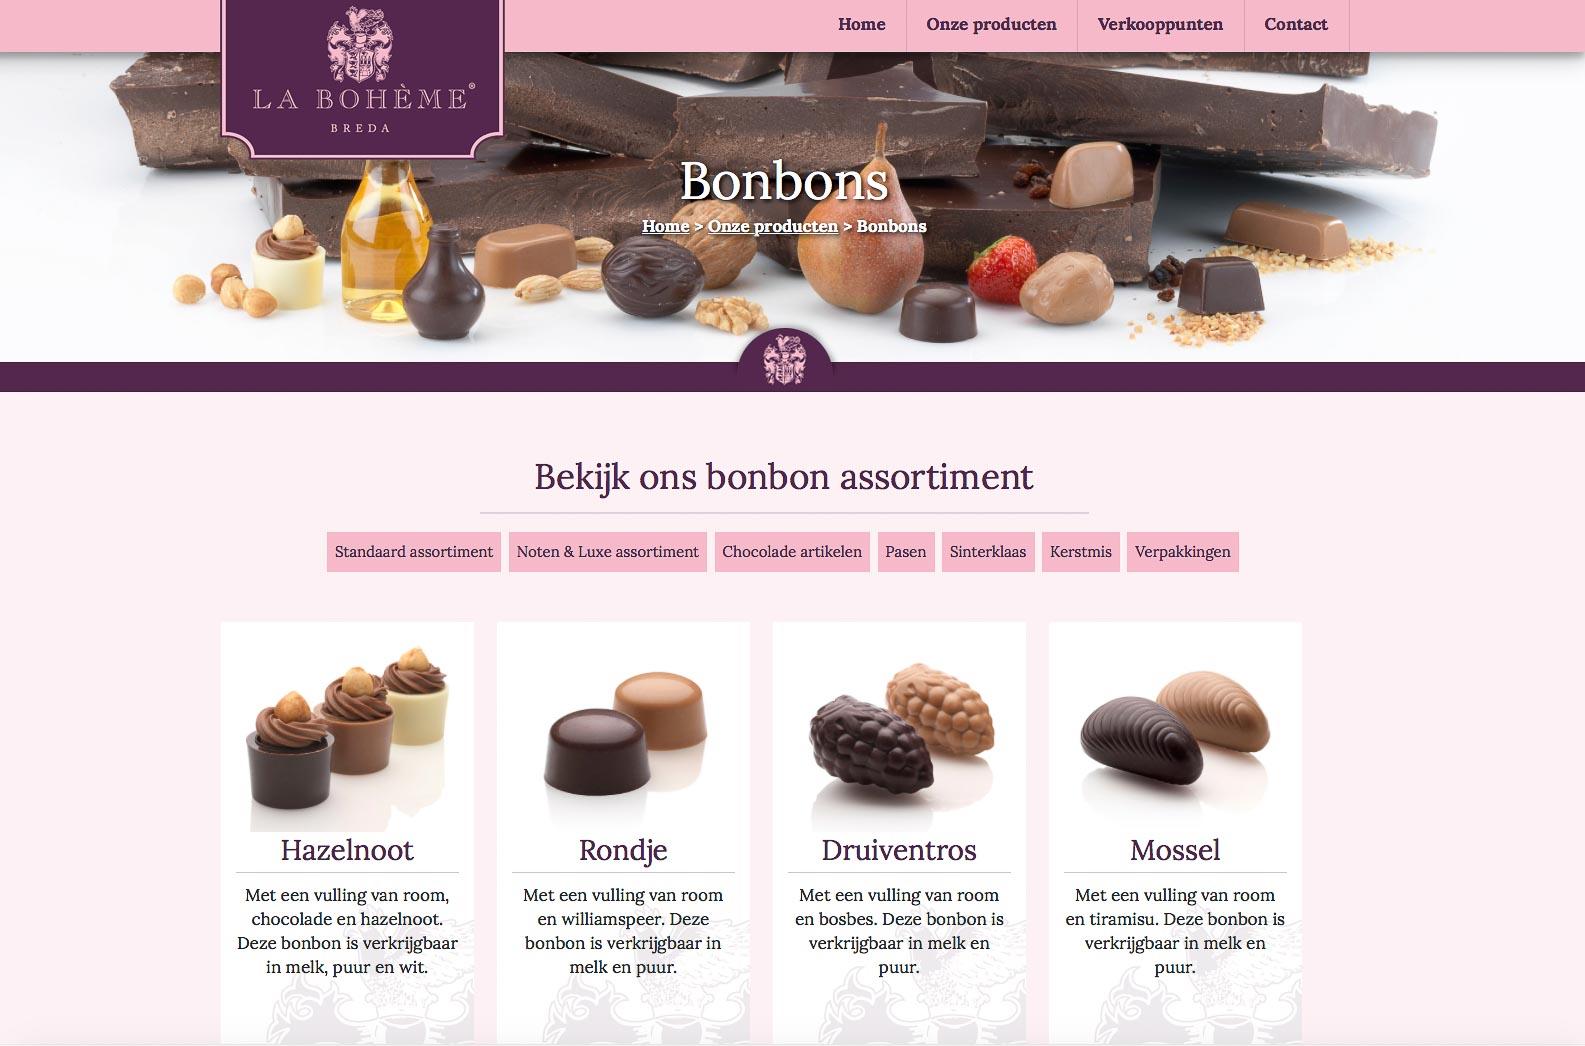 03_La_Boheme_bonbons